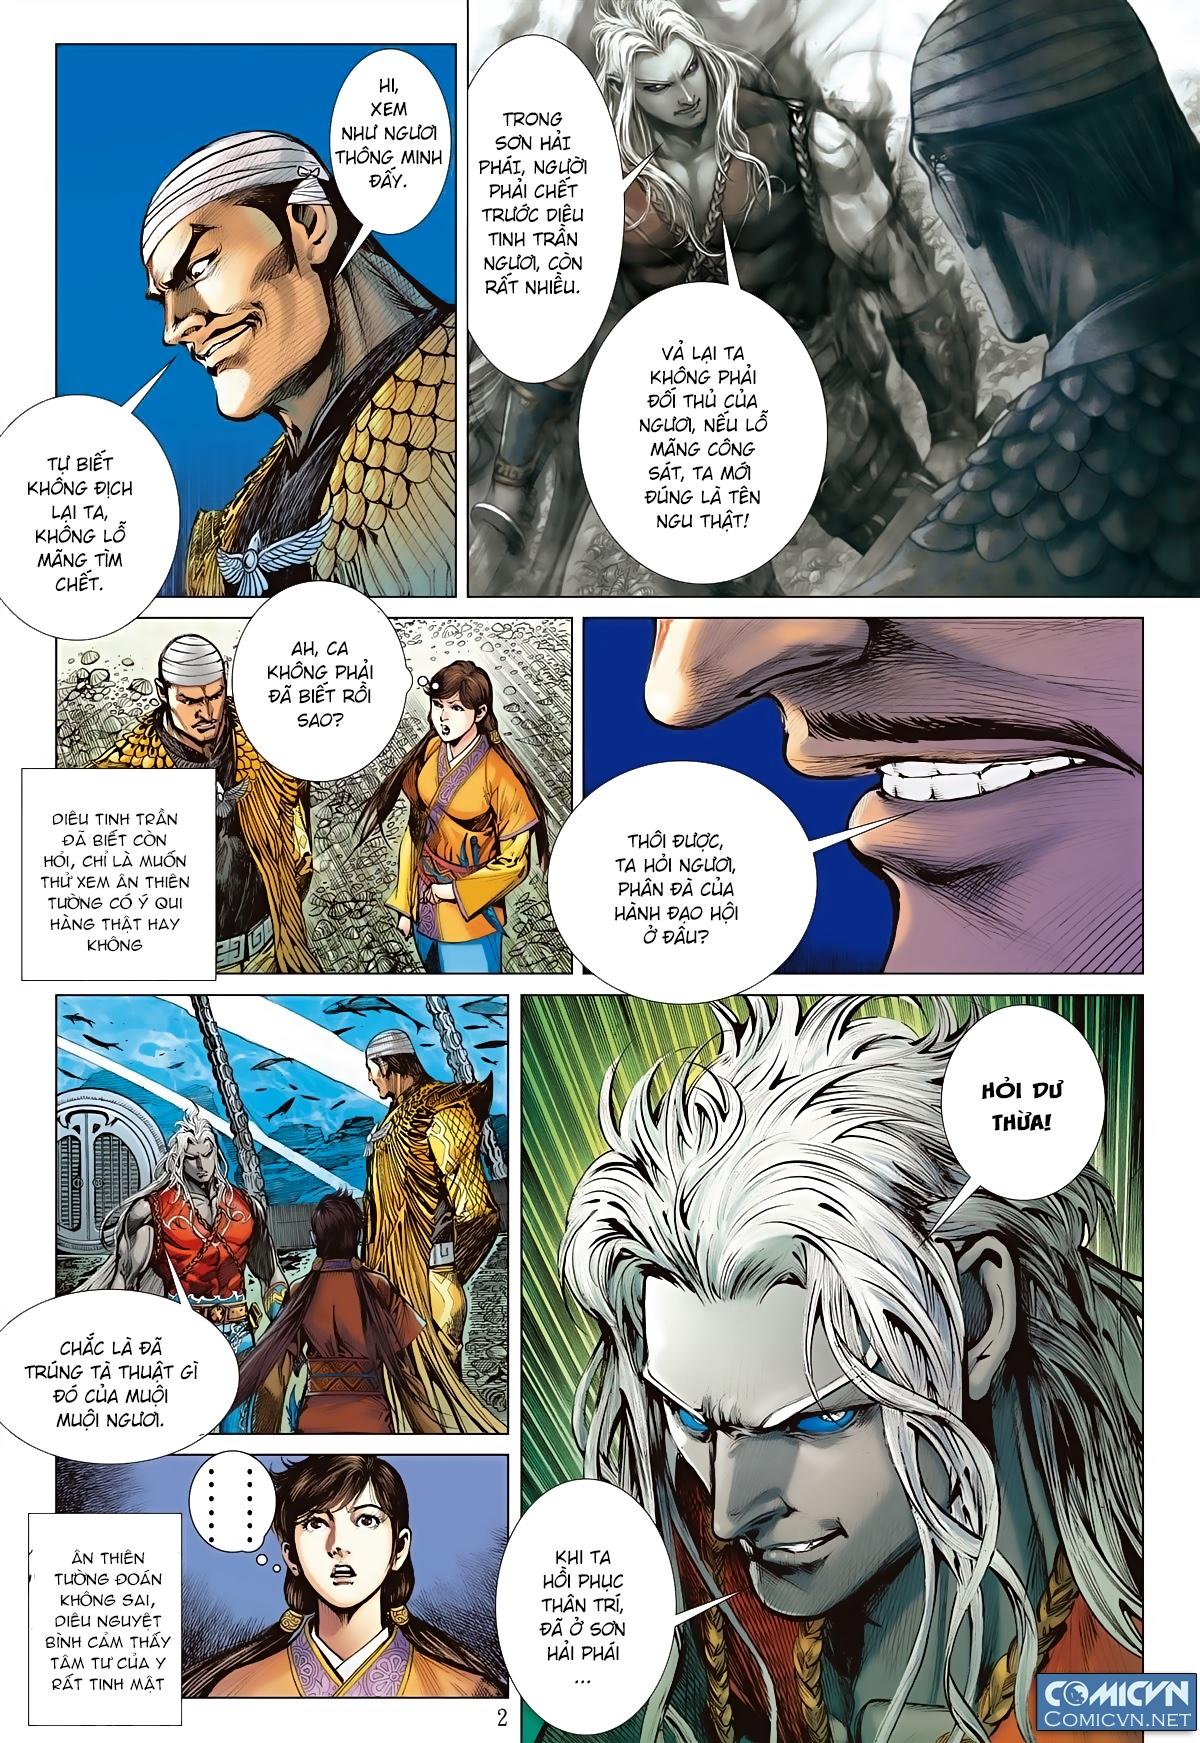 Sơn Hải Nghịch Chiến Chap 77 - Trang 2